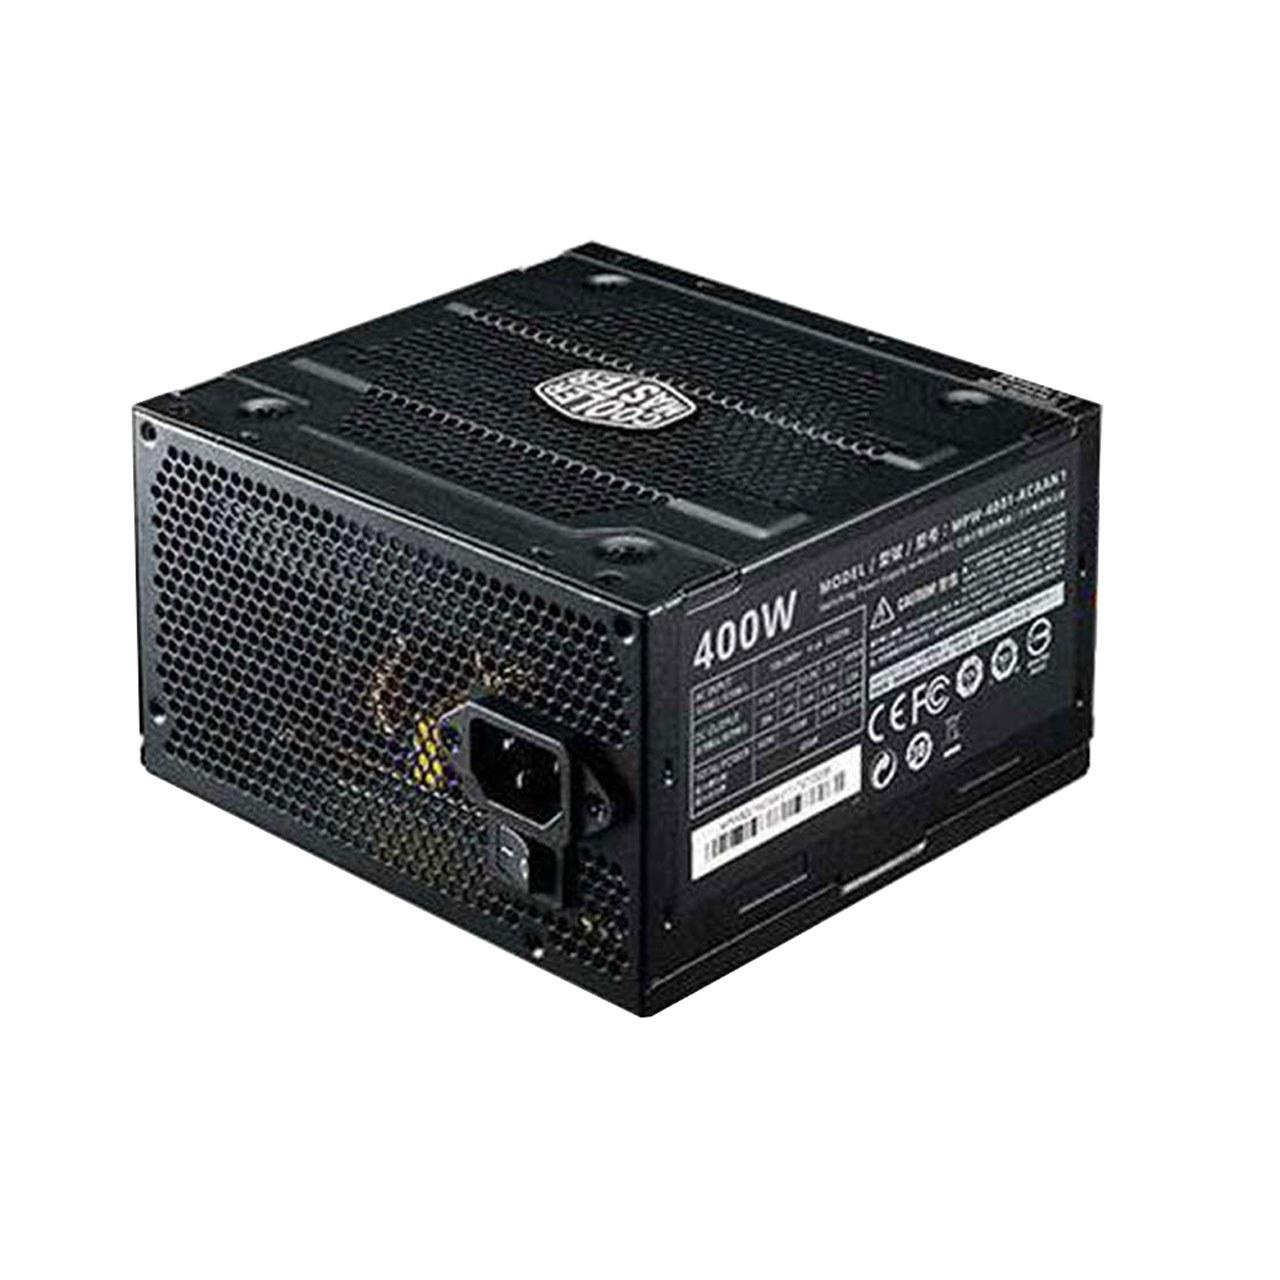 تصویر پاور کولر مستر PSU Elite V3 230V 400W A/EU Power Cooler Master Elite PSU Elite V3 230V 400W A/EU